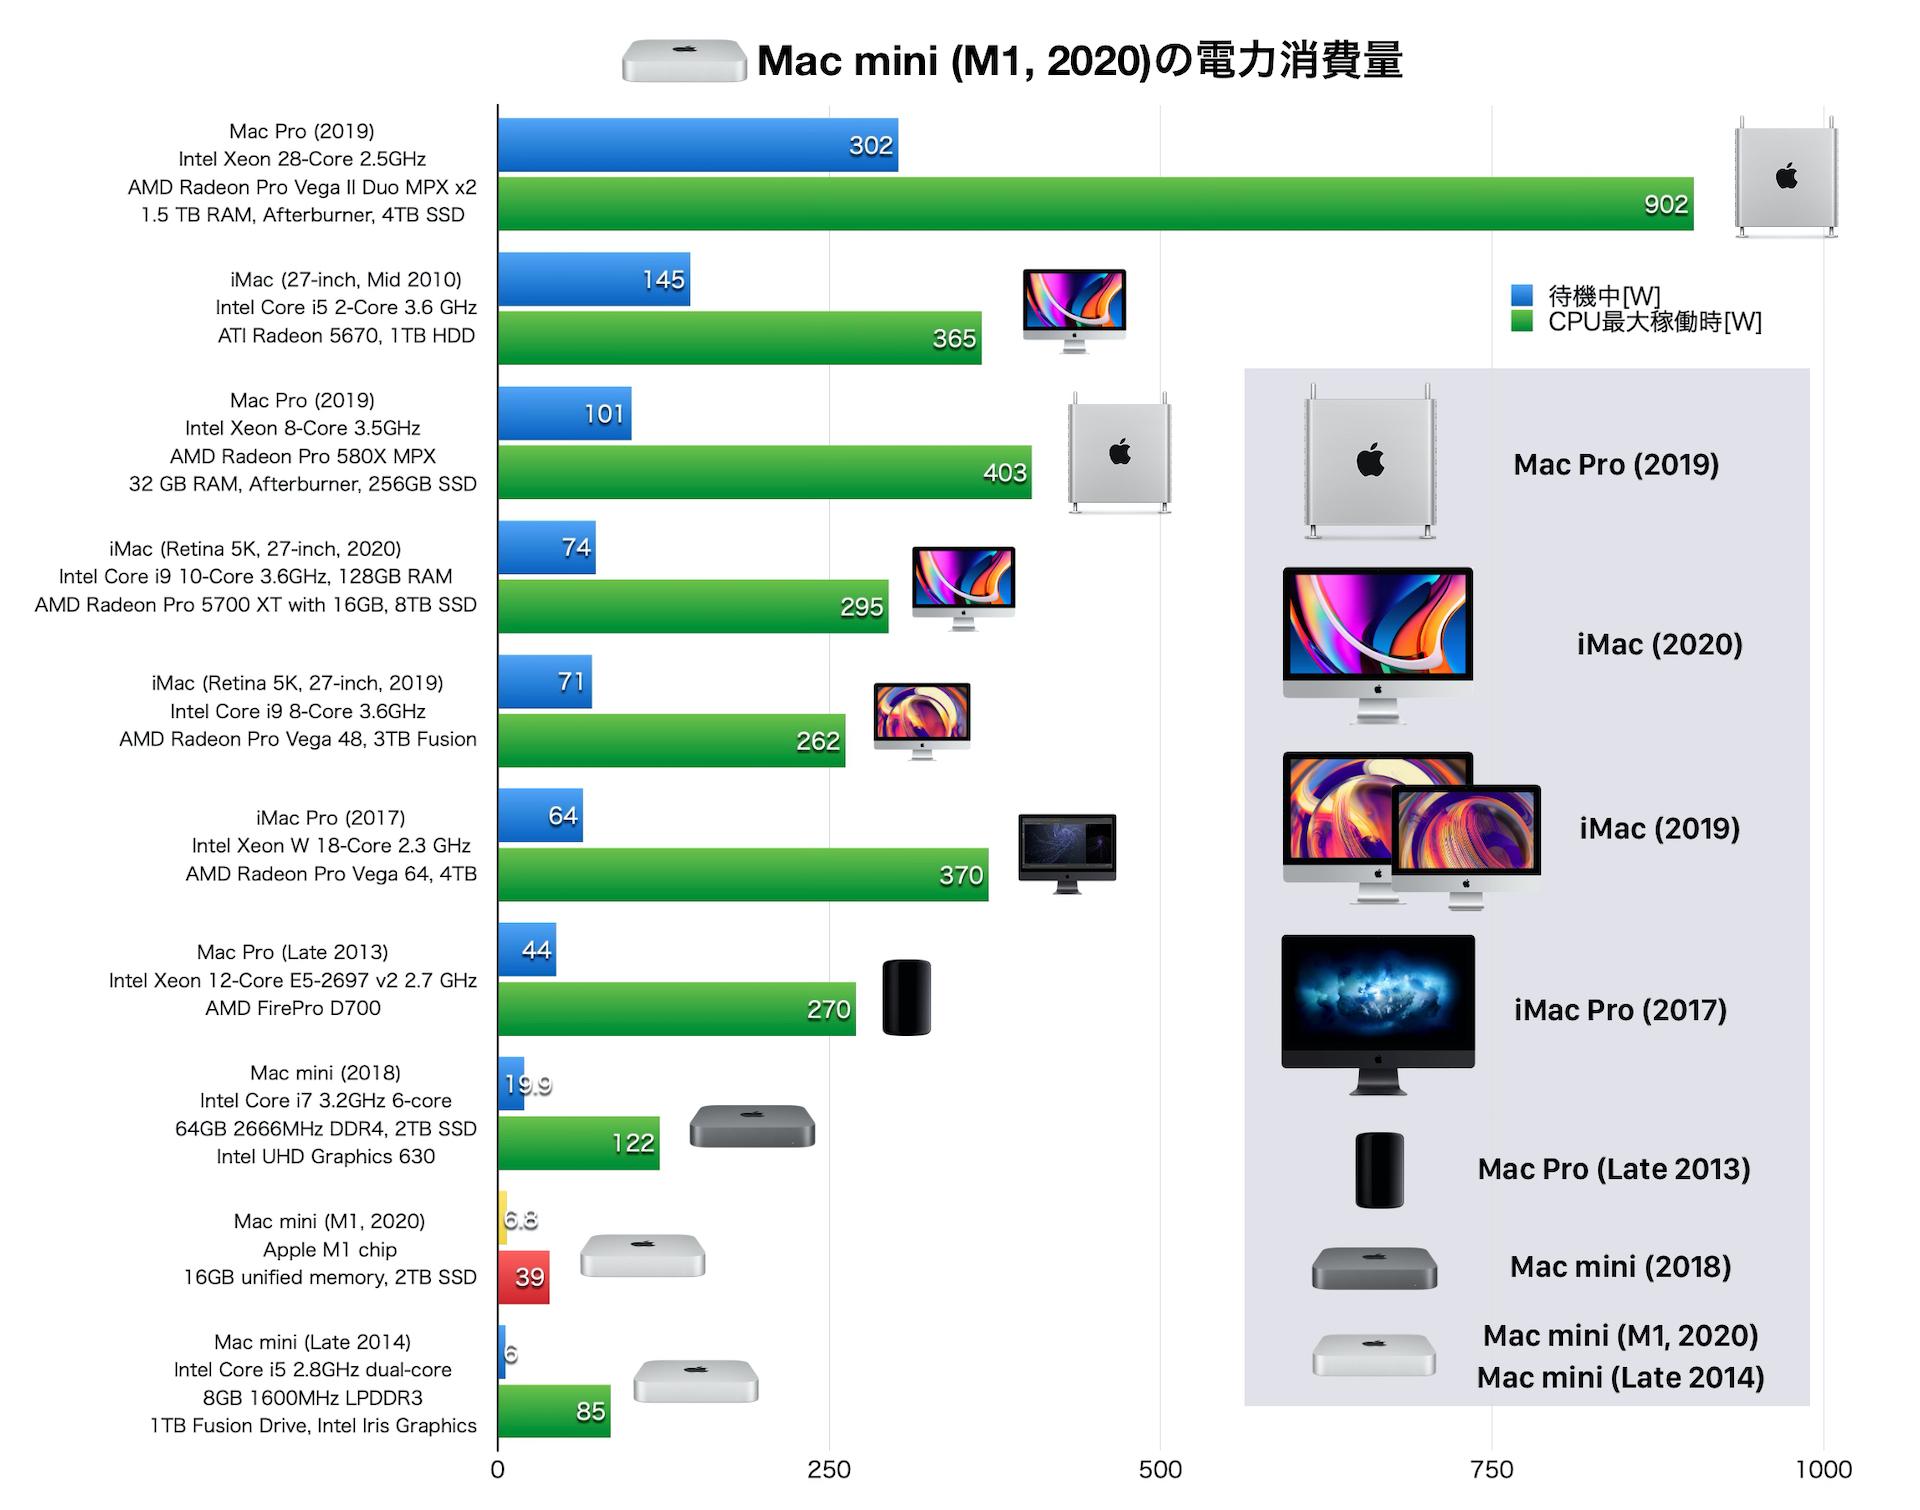 Mac mini (M1, 2020)の消費電力